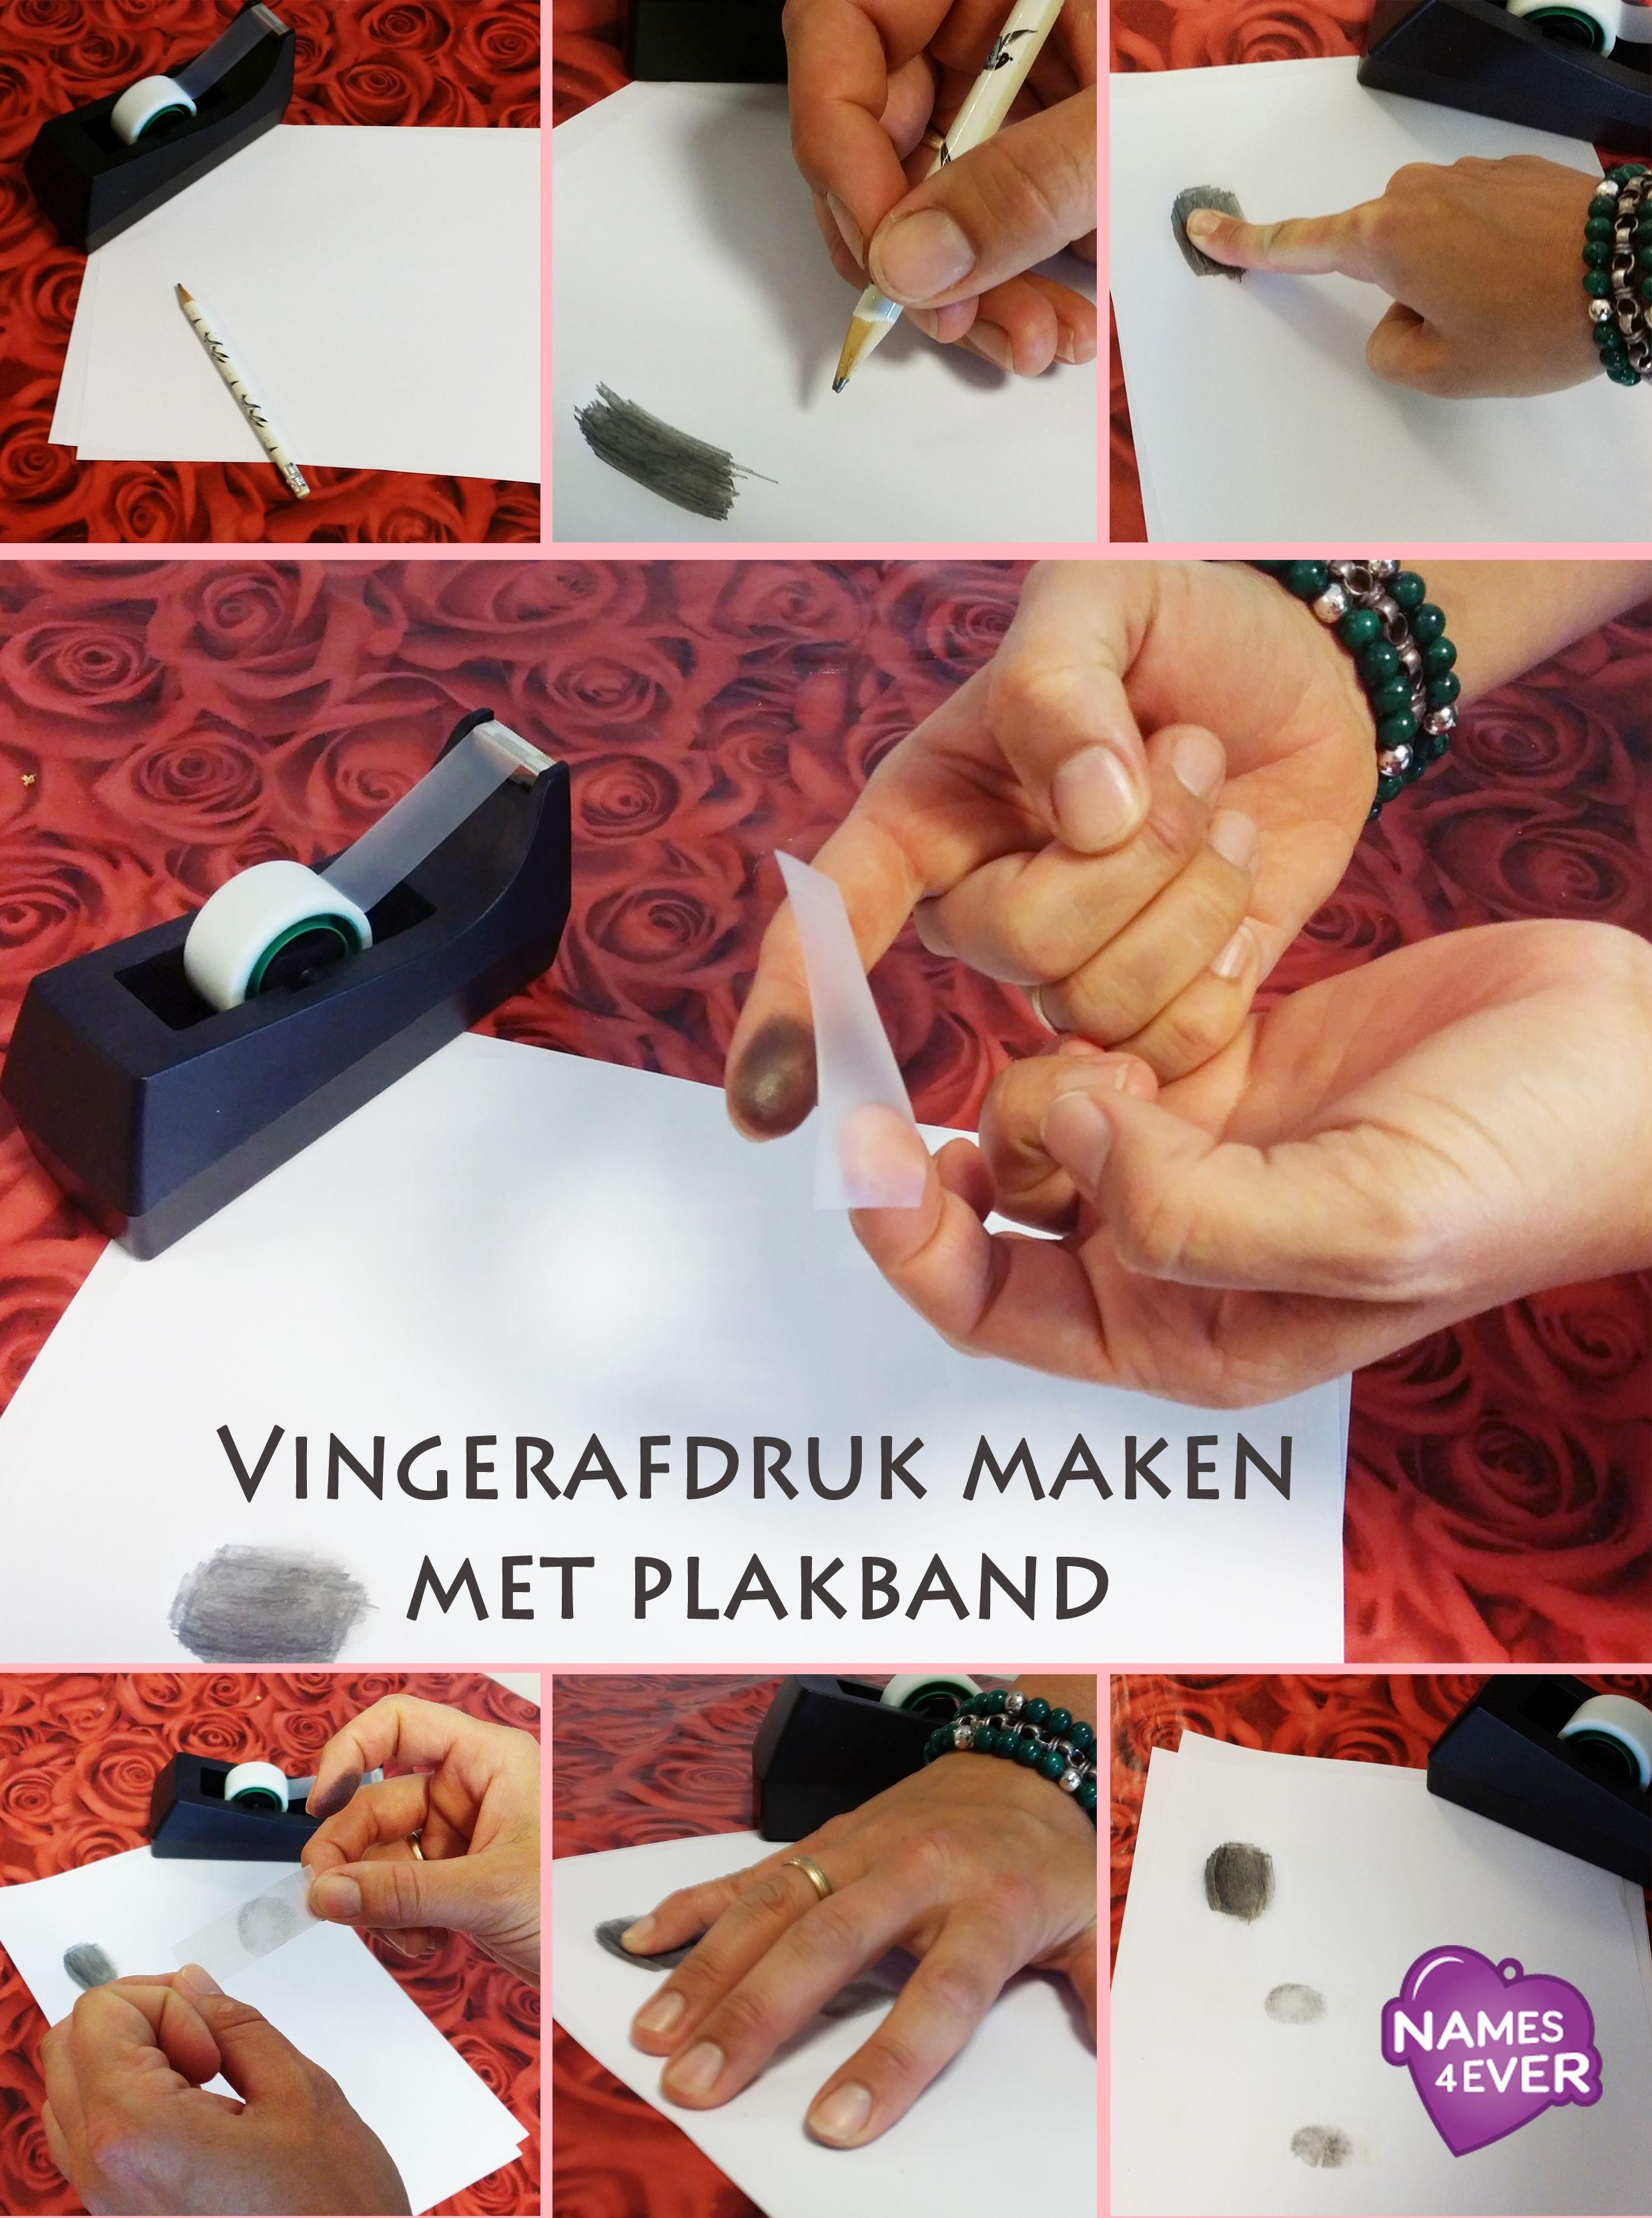 Vingerafdruk maken met plakband